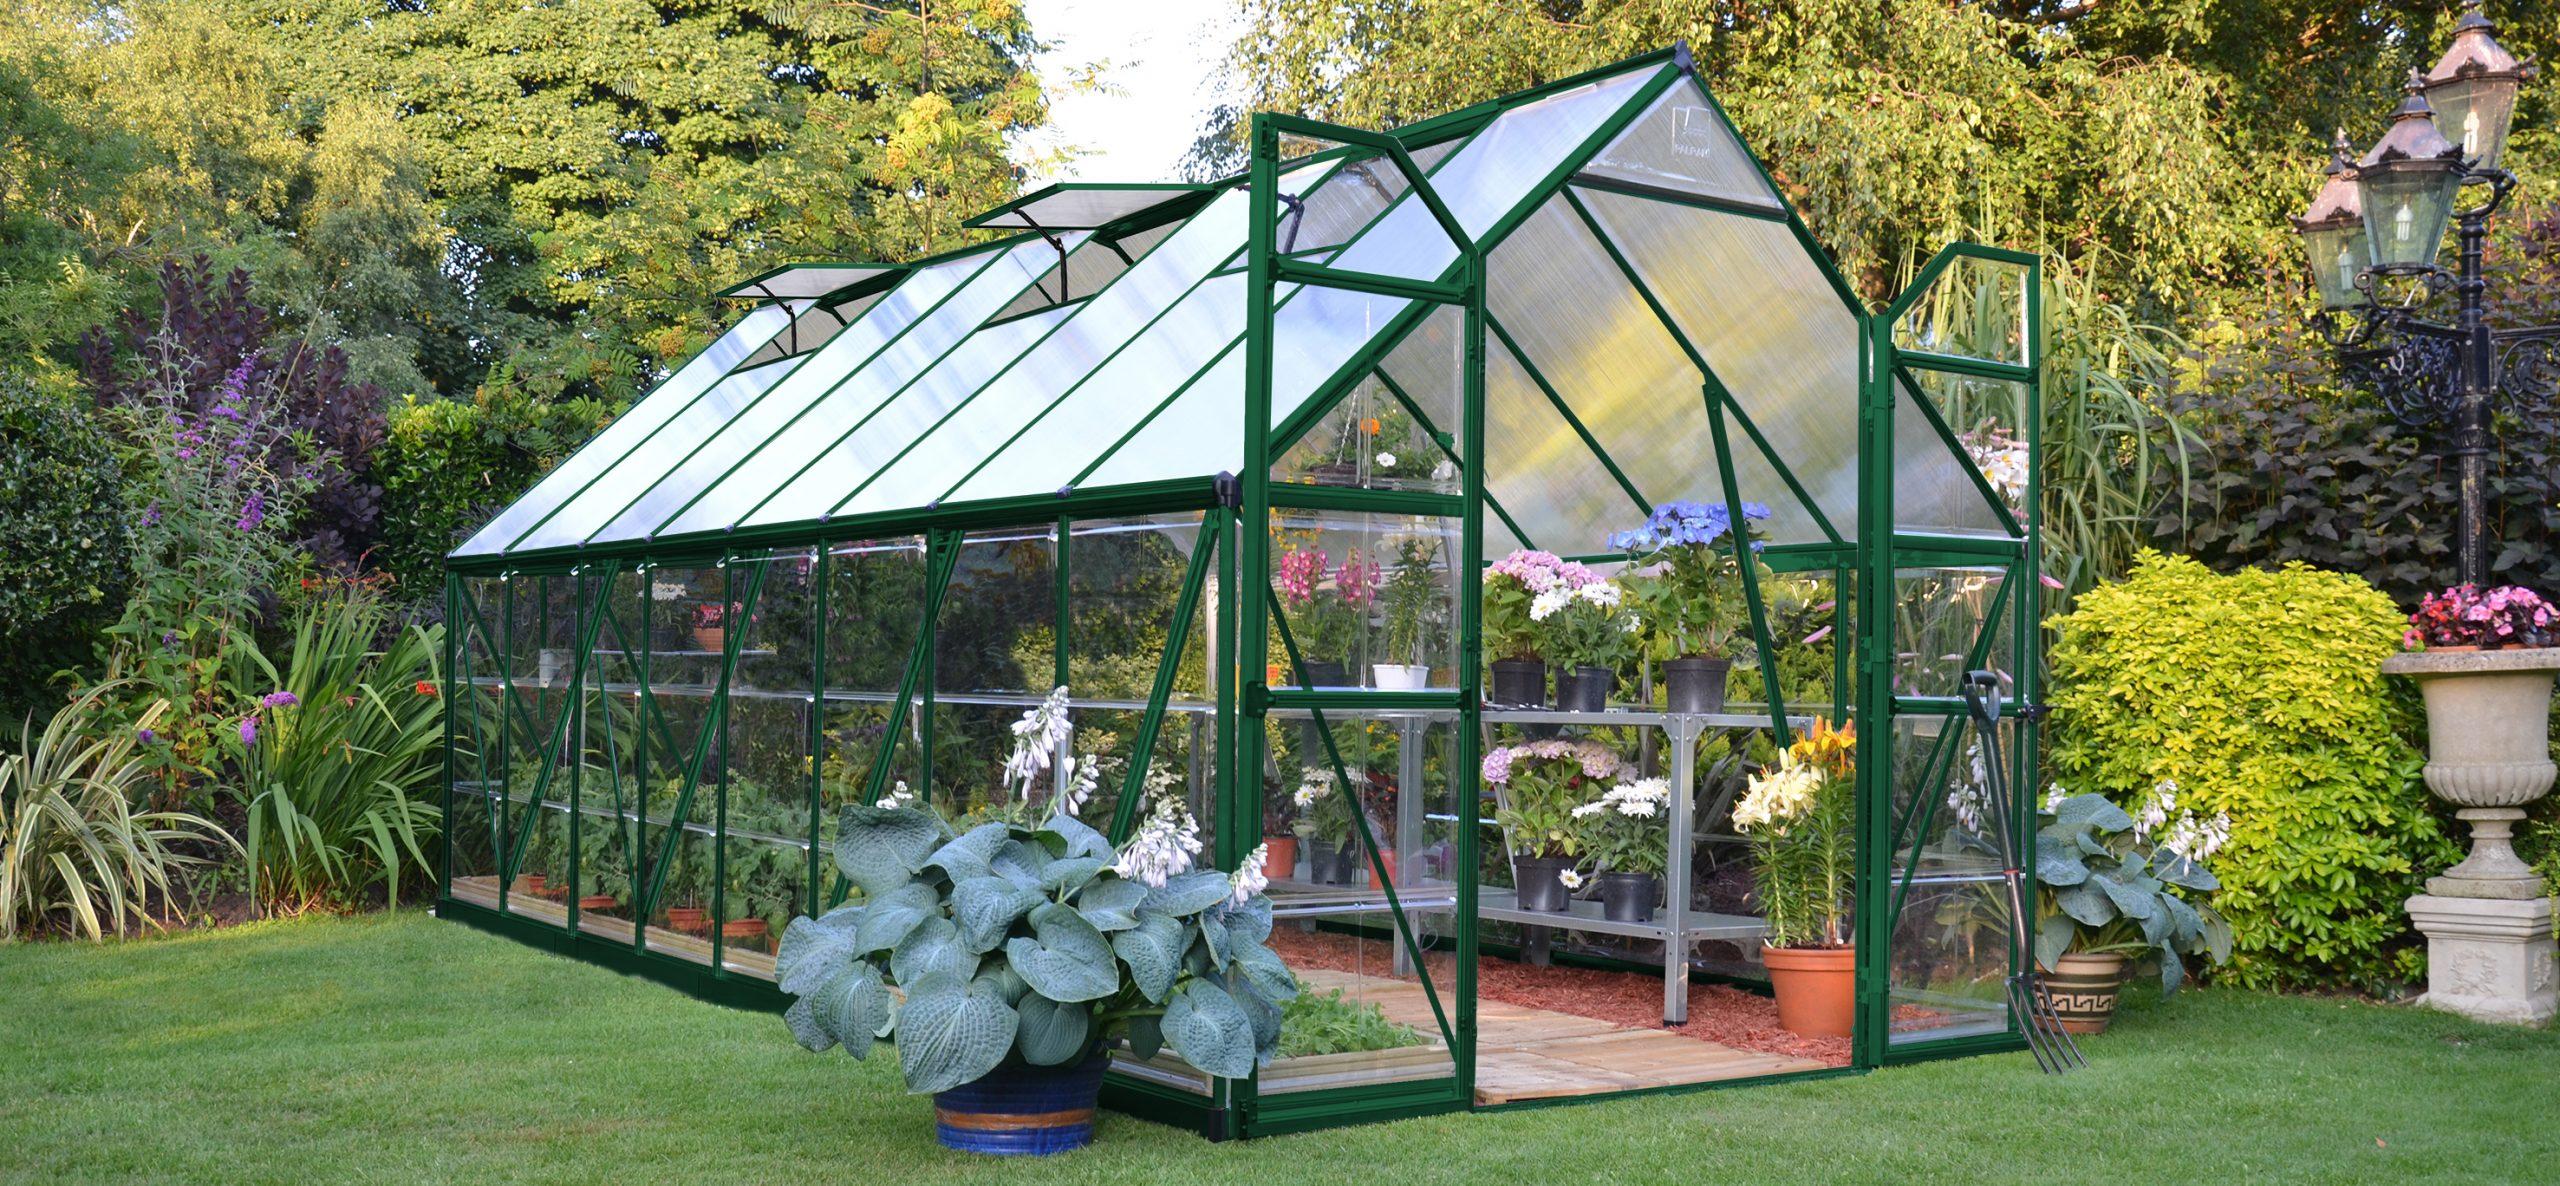 Serre De Jardin ⇒ S, Comparatif & Meilleur Serres Pour 2020 intérieur Bache Pour Serre De Jardin